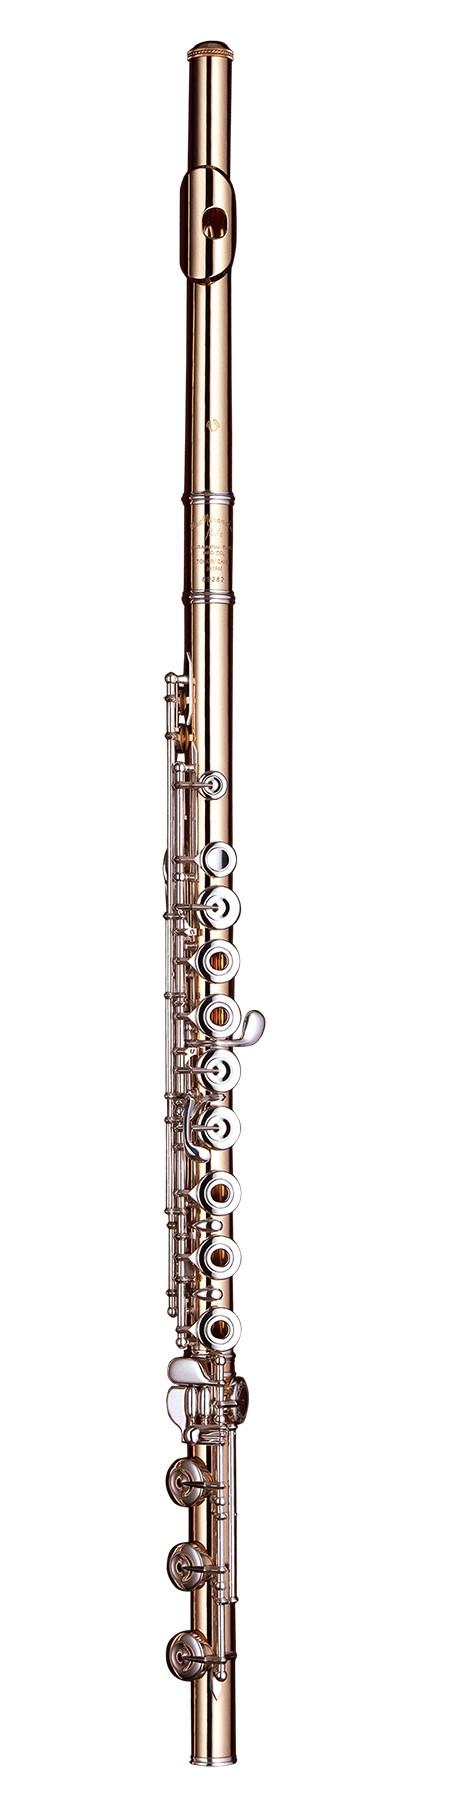 Muramatsu - 9 - K Go/Si - RBEI - Holzblasinstrumente - Flöten mit E-Mechanik | MUSIK BERTRAM Deutschland Freiburg